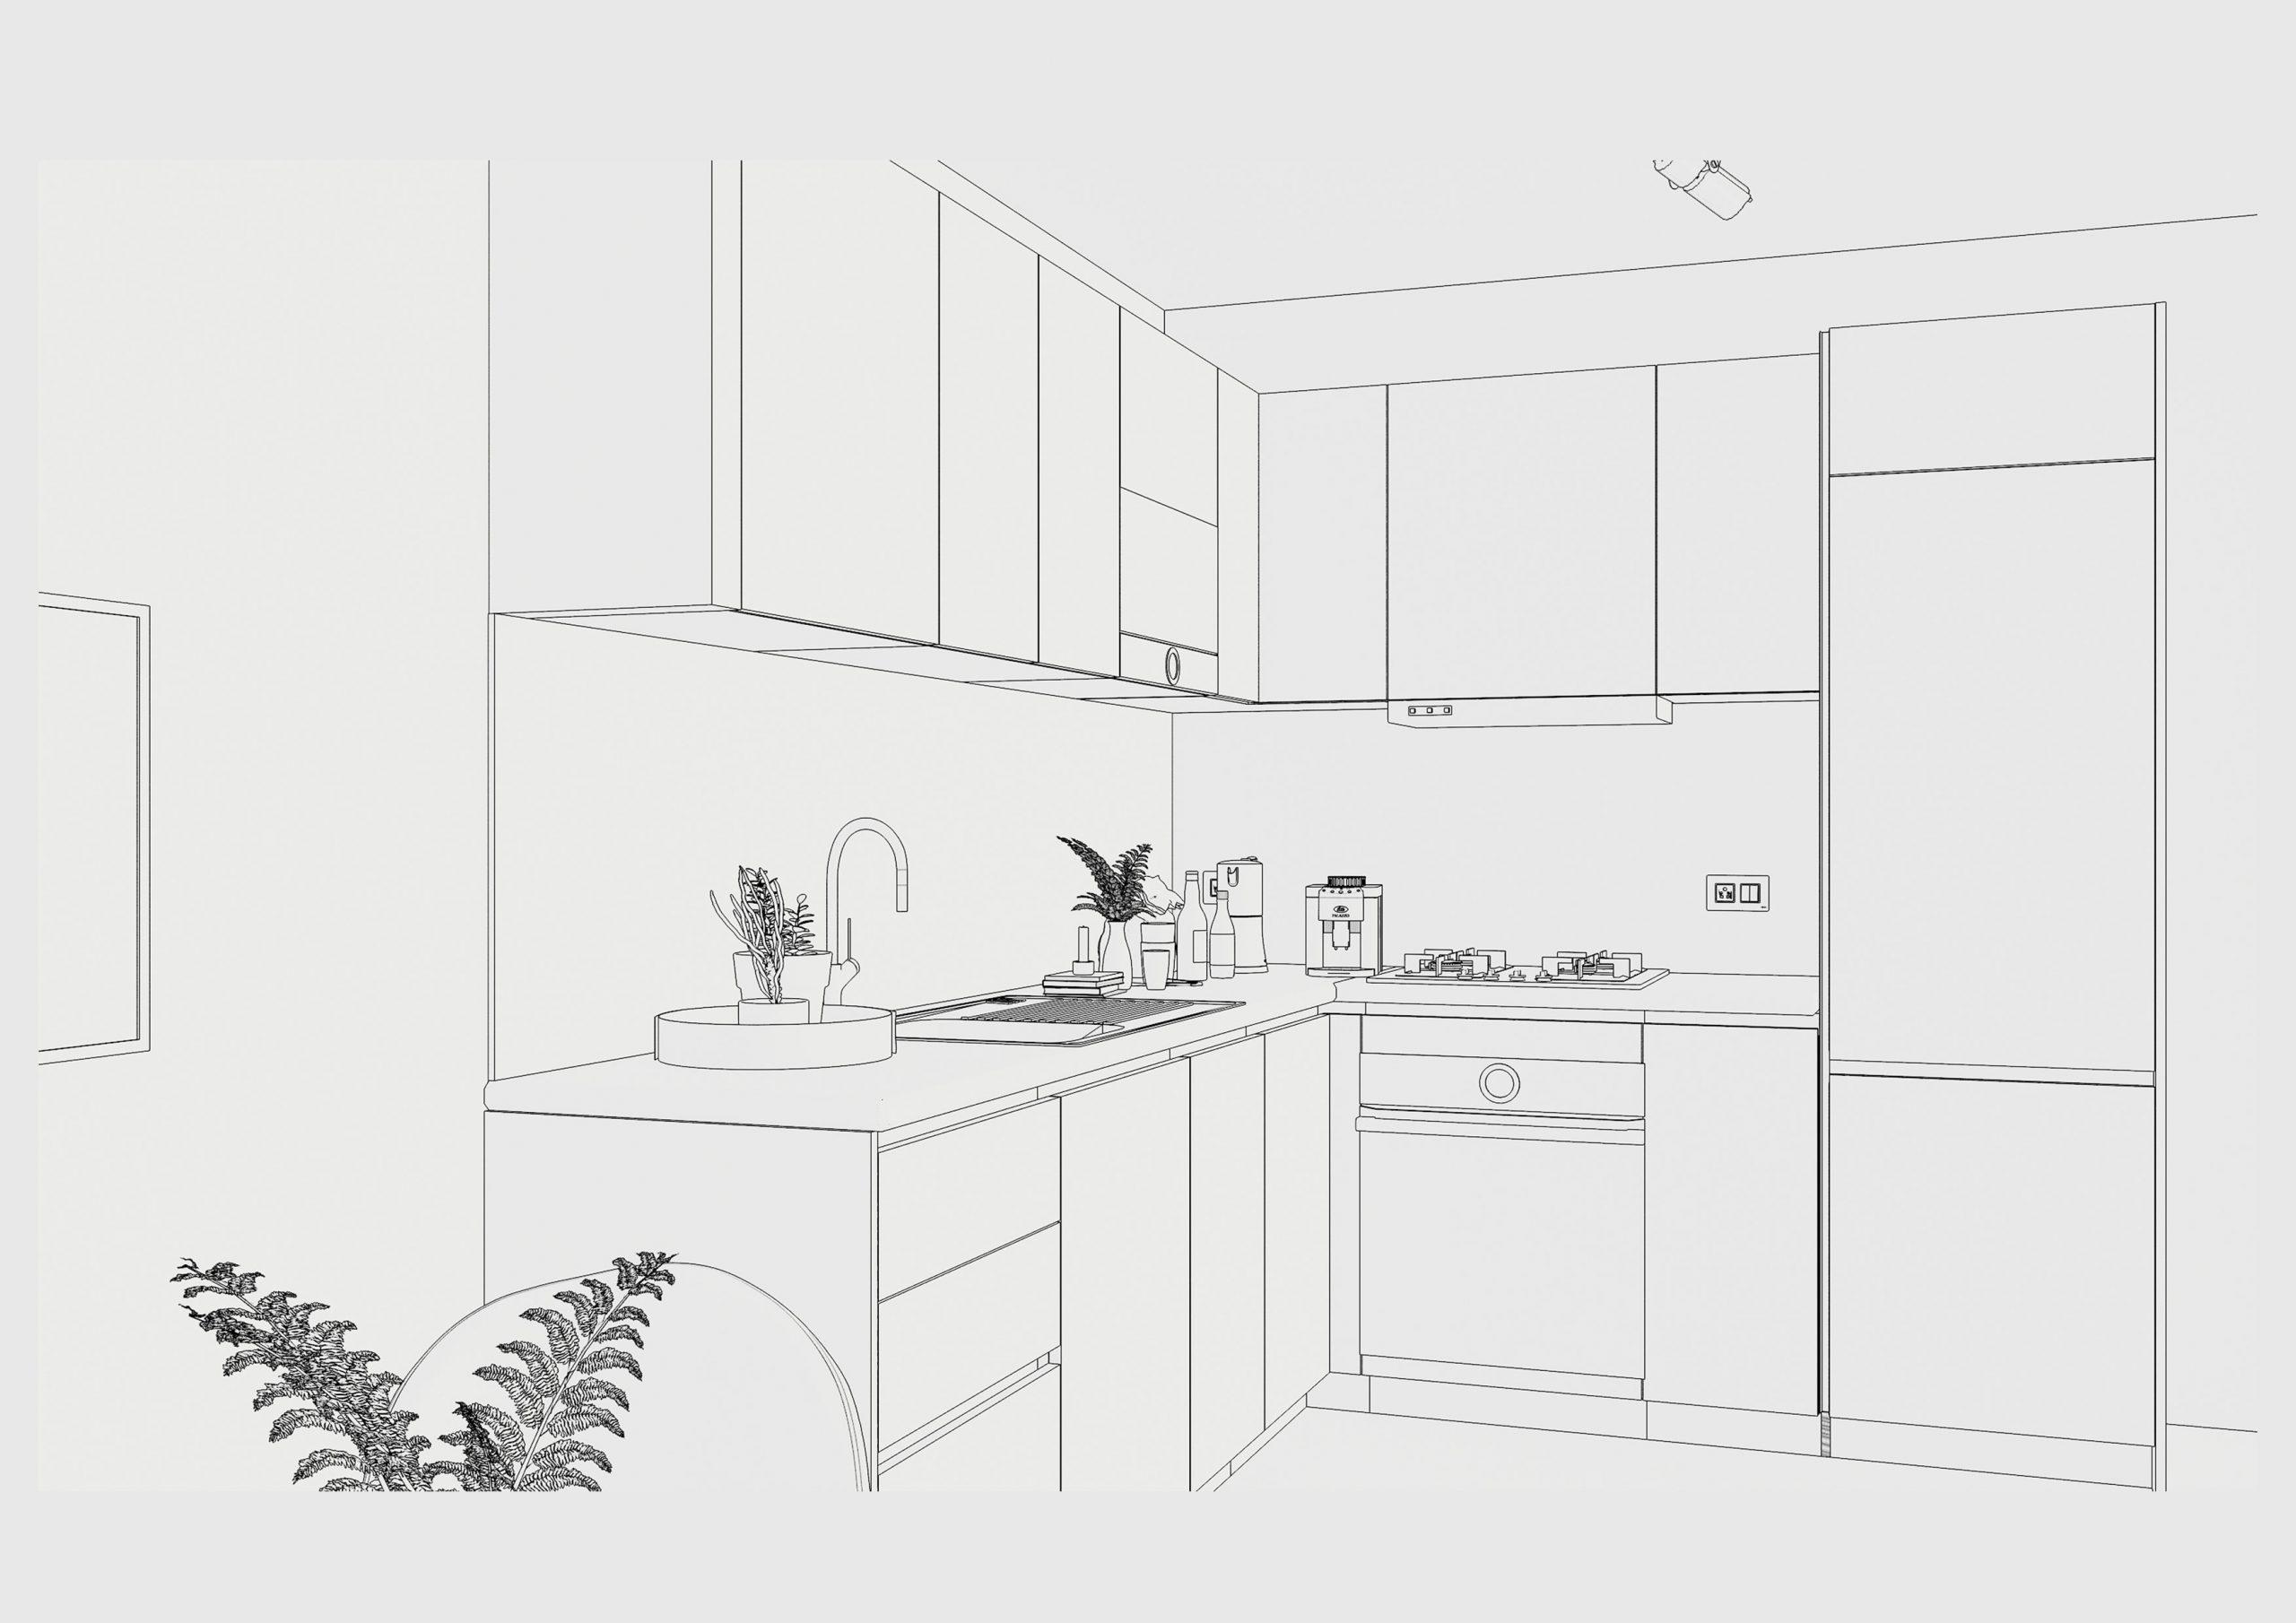 Sketch of final kitchen design